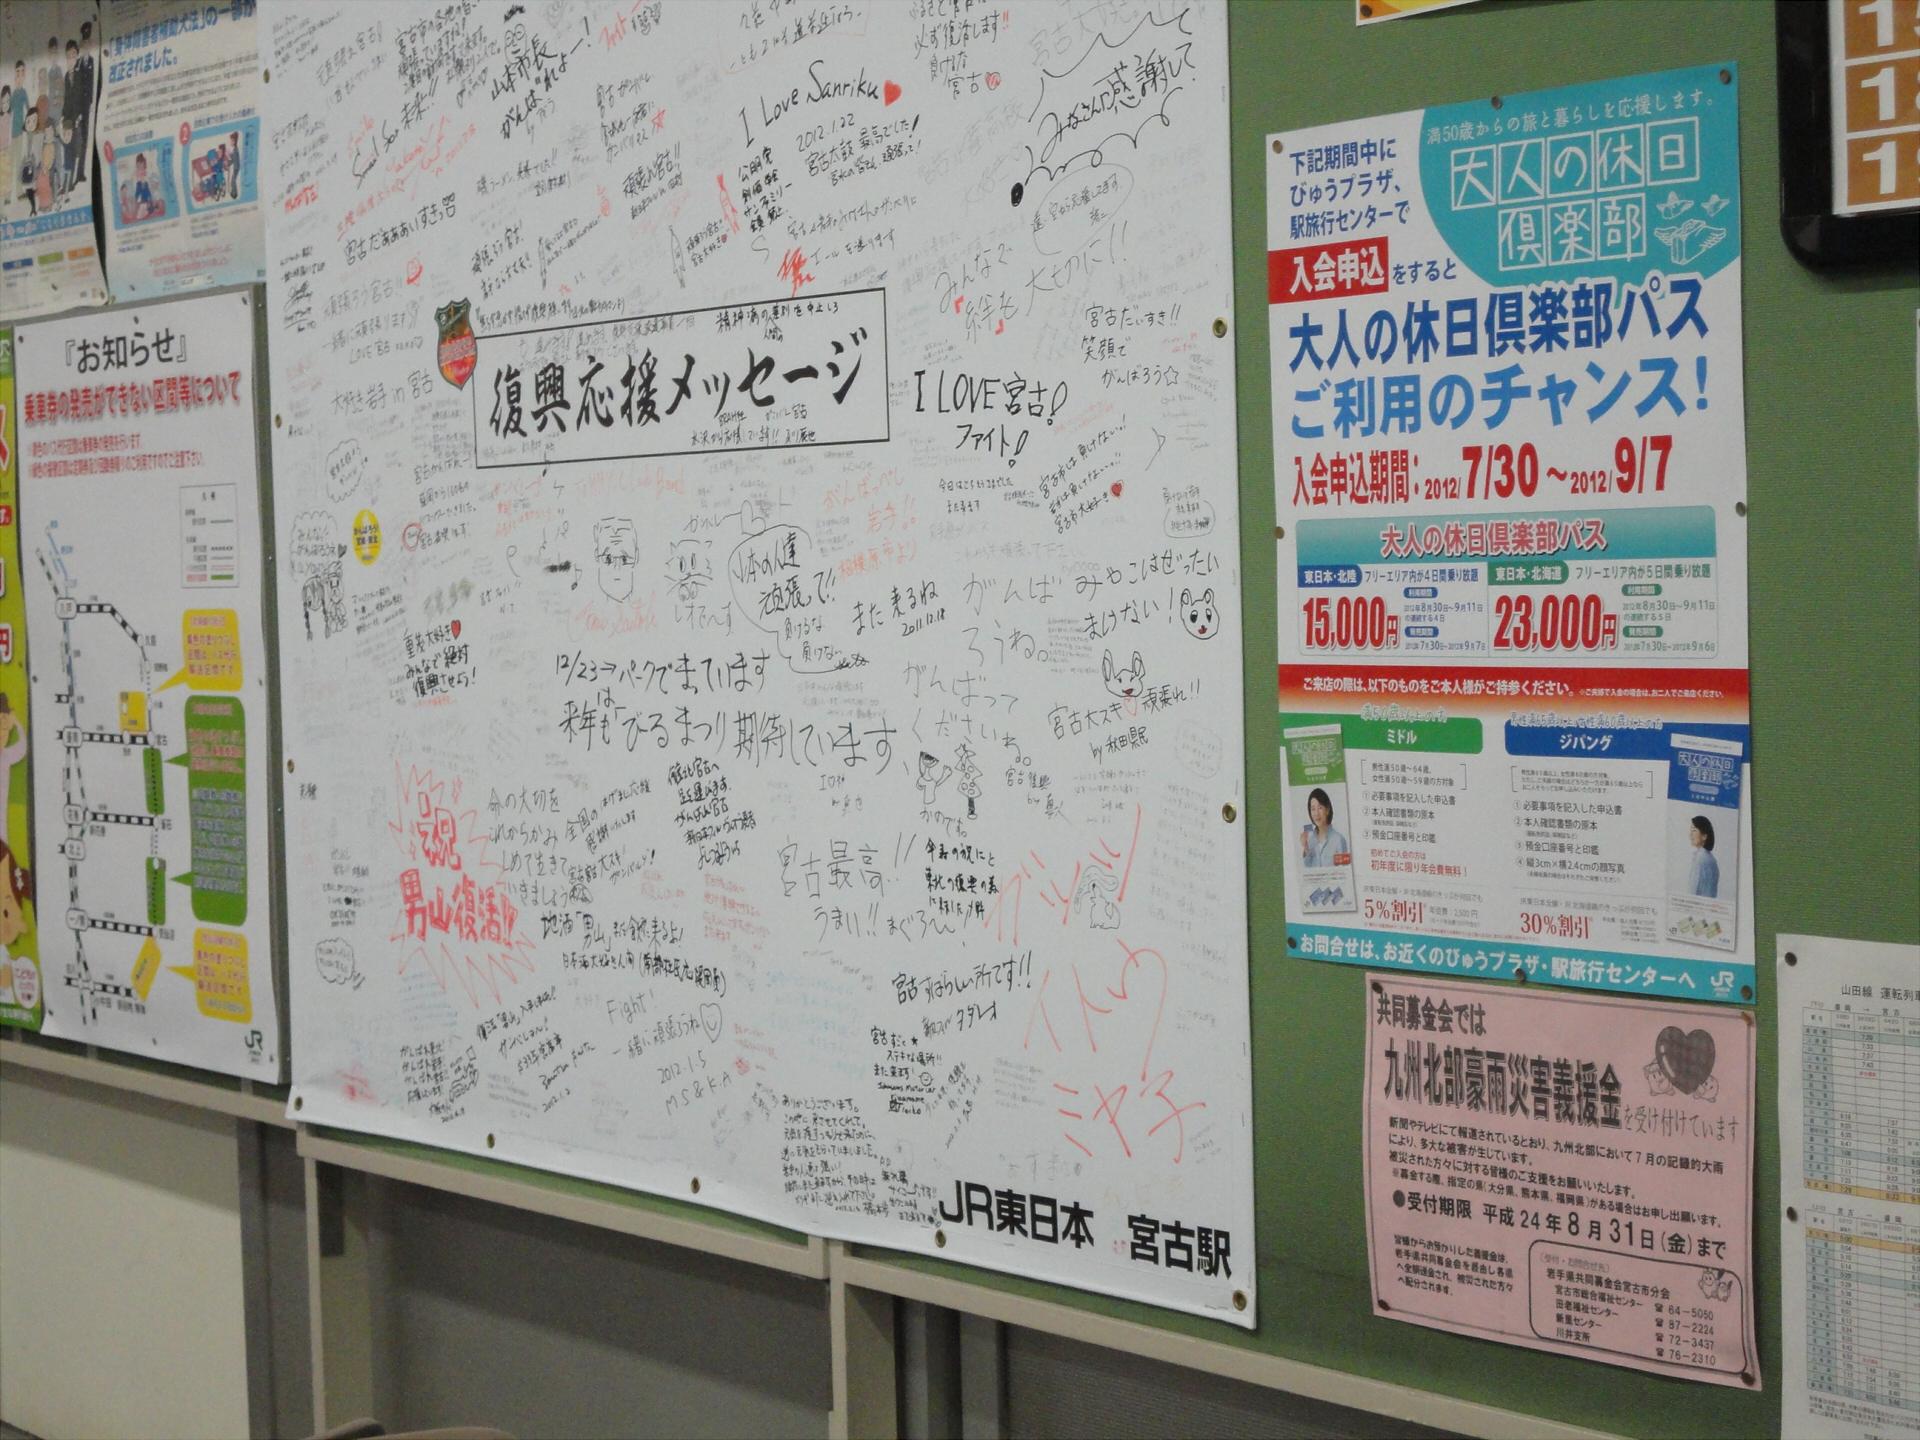 【画像】東日本大震災復興応援メッセージ